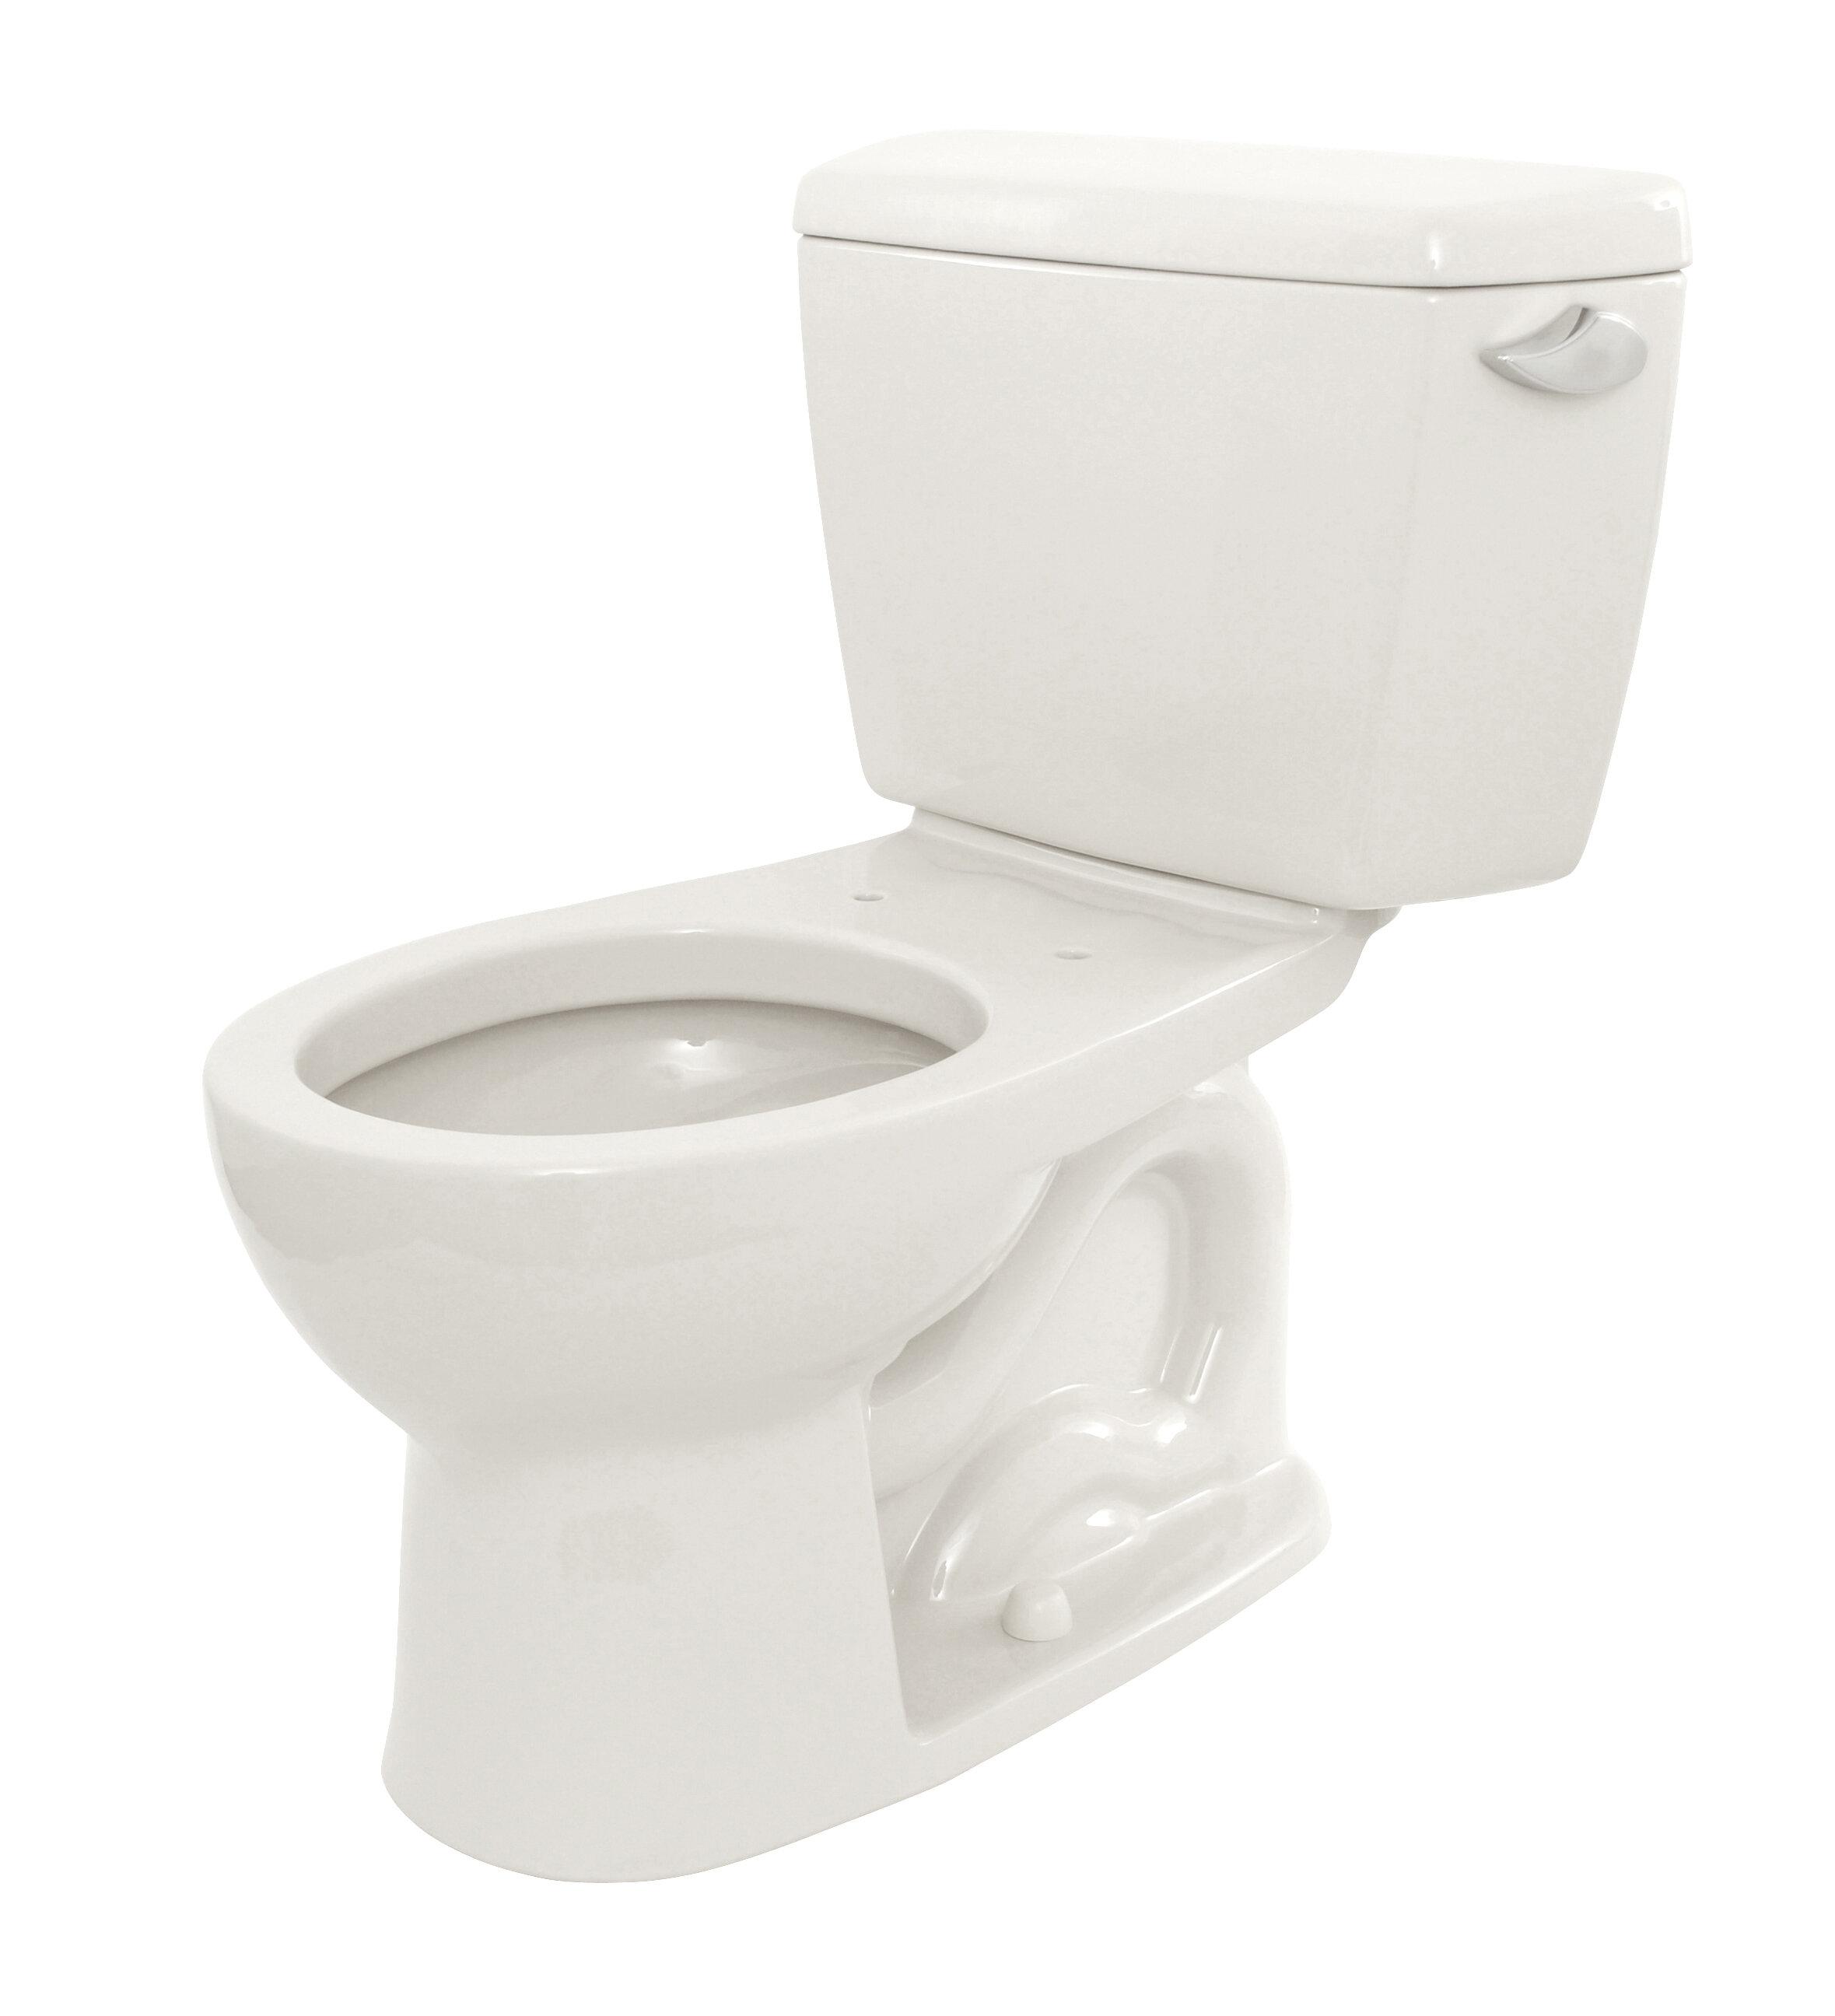 Toto Drake Eco 1.28 GPF Round Two-Piece Toilet & Reviews | Wayfair